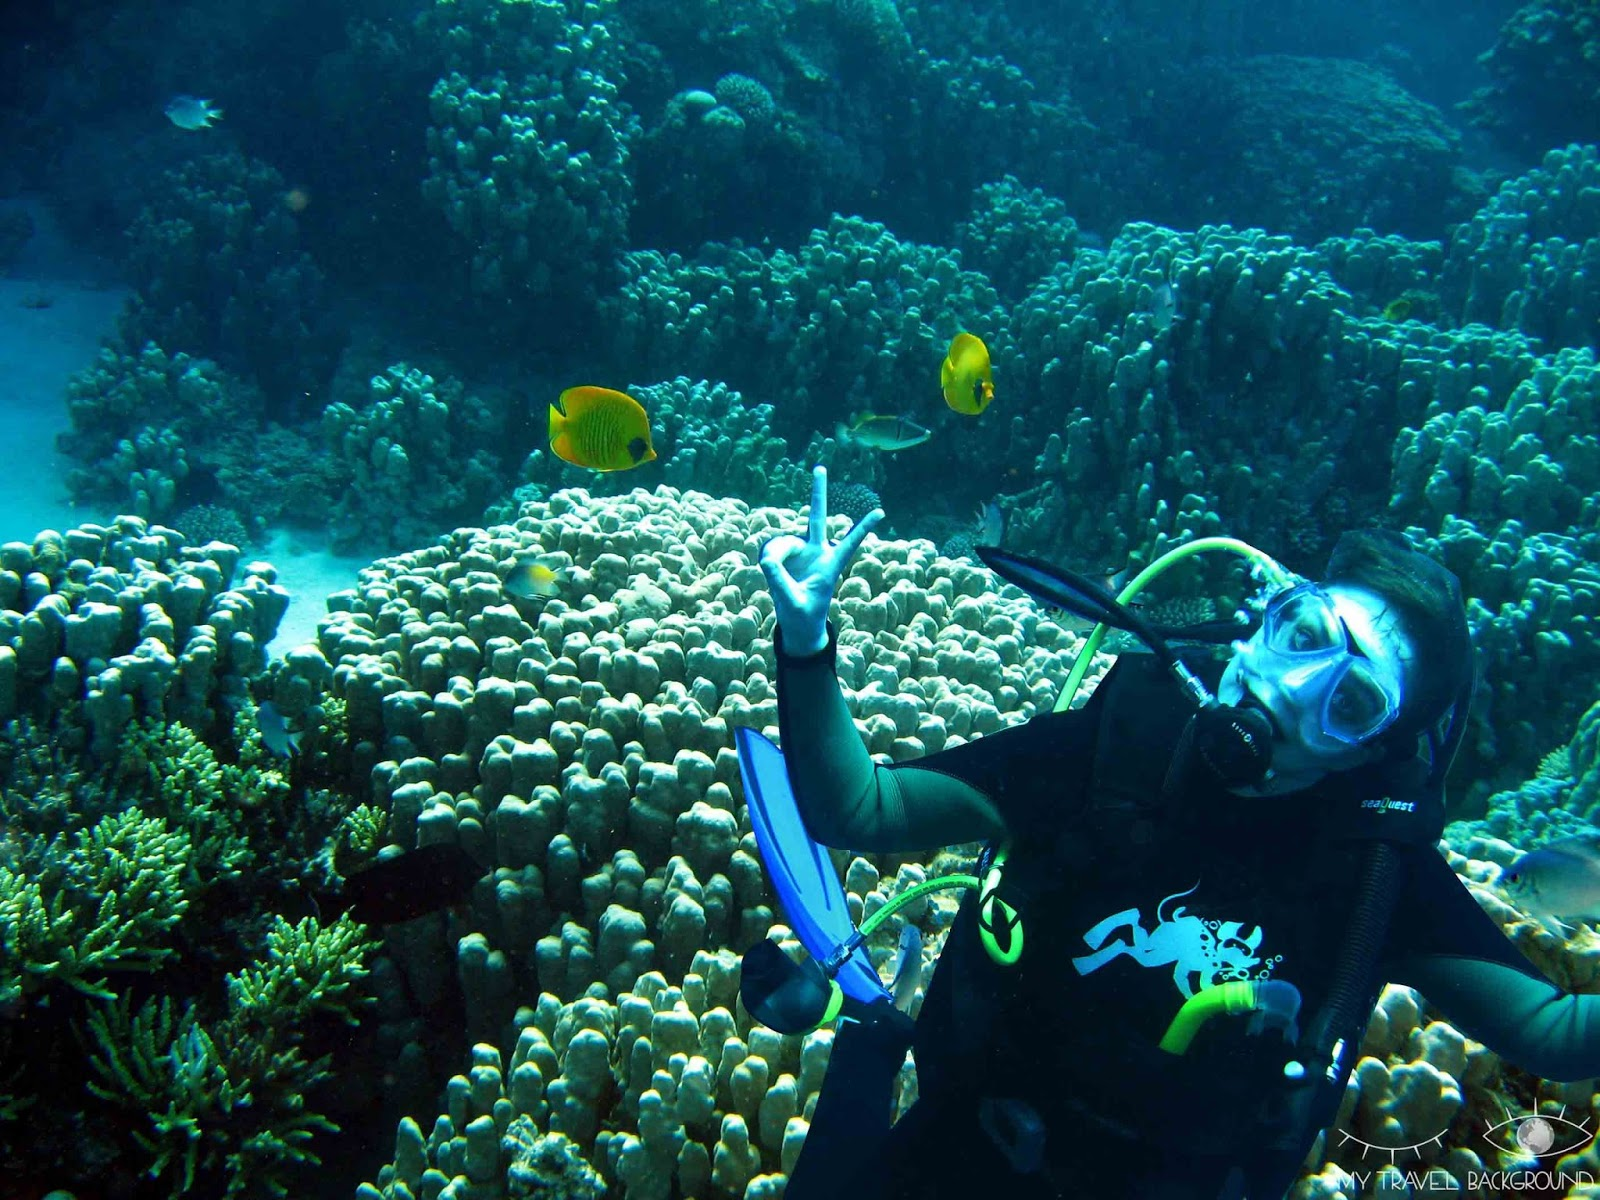 My Travel Background : 8 lieux où plonger dans le monde, Egypte